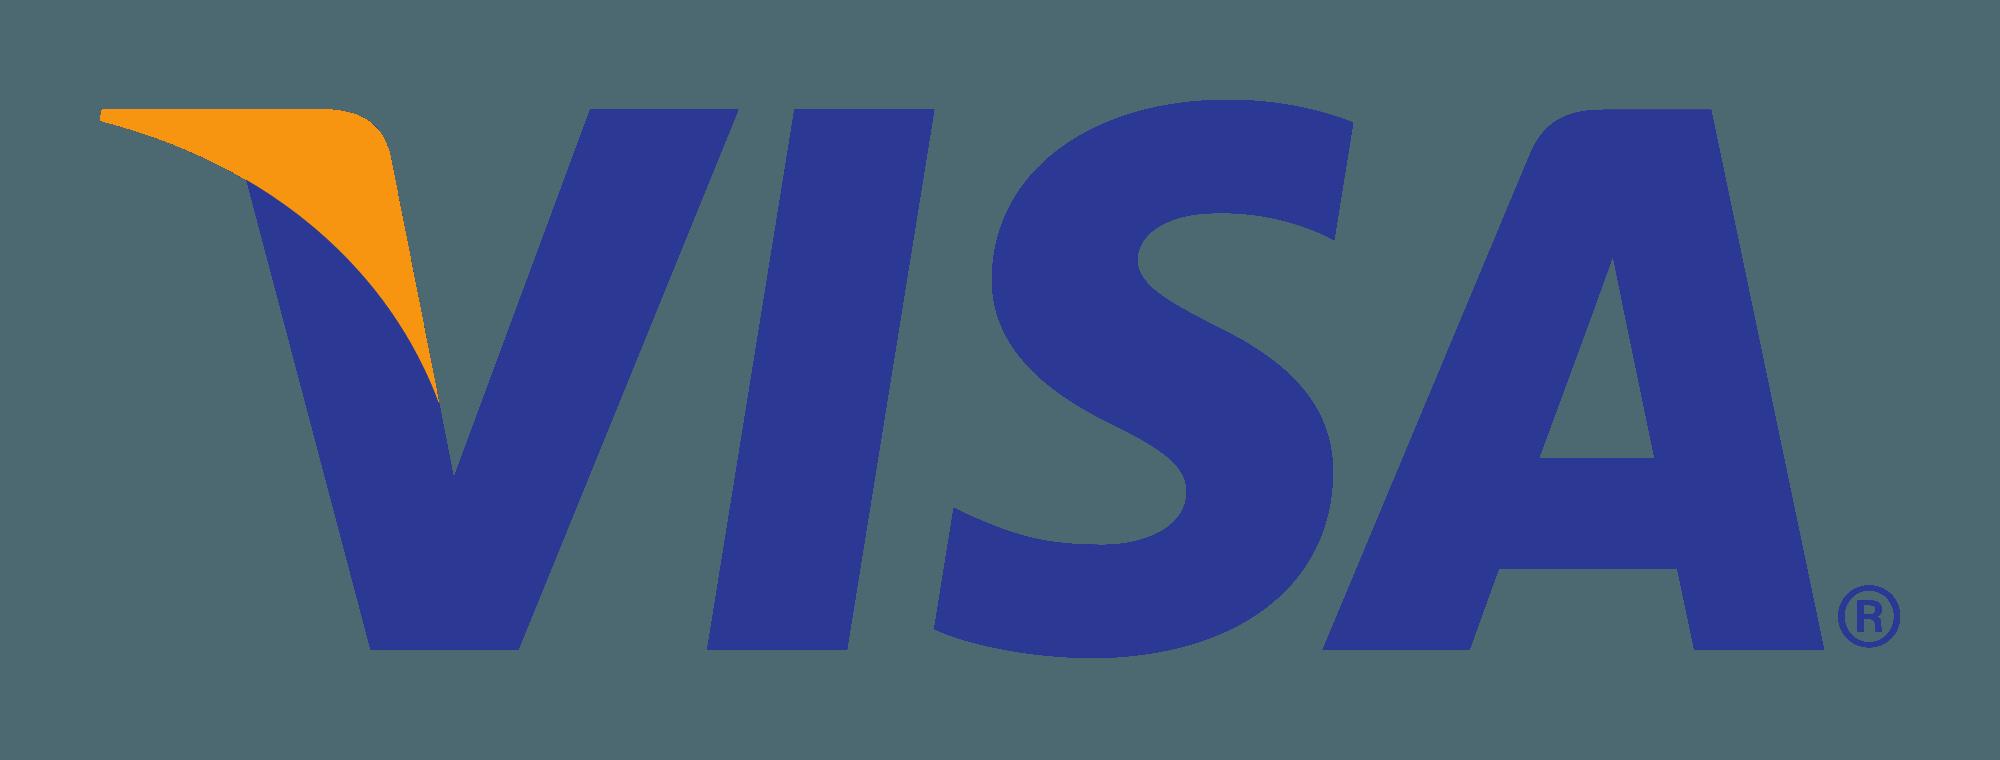 Visa Logo Png Free Transparent Png Logos